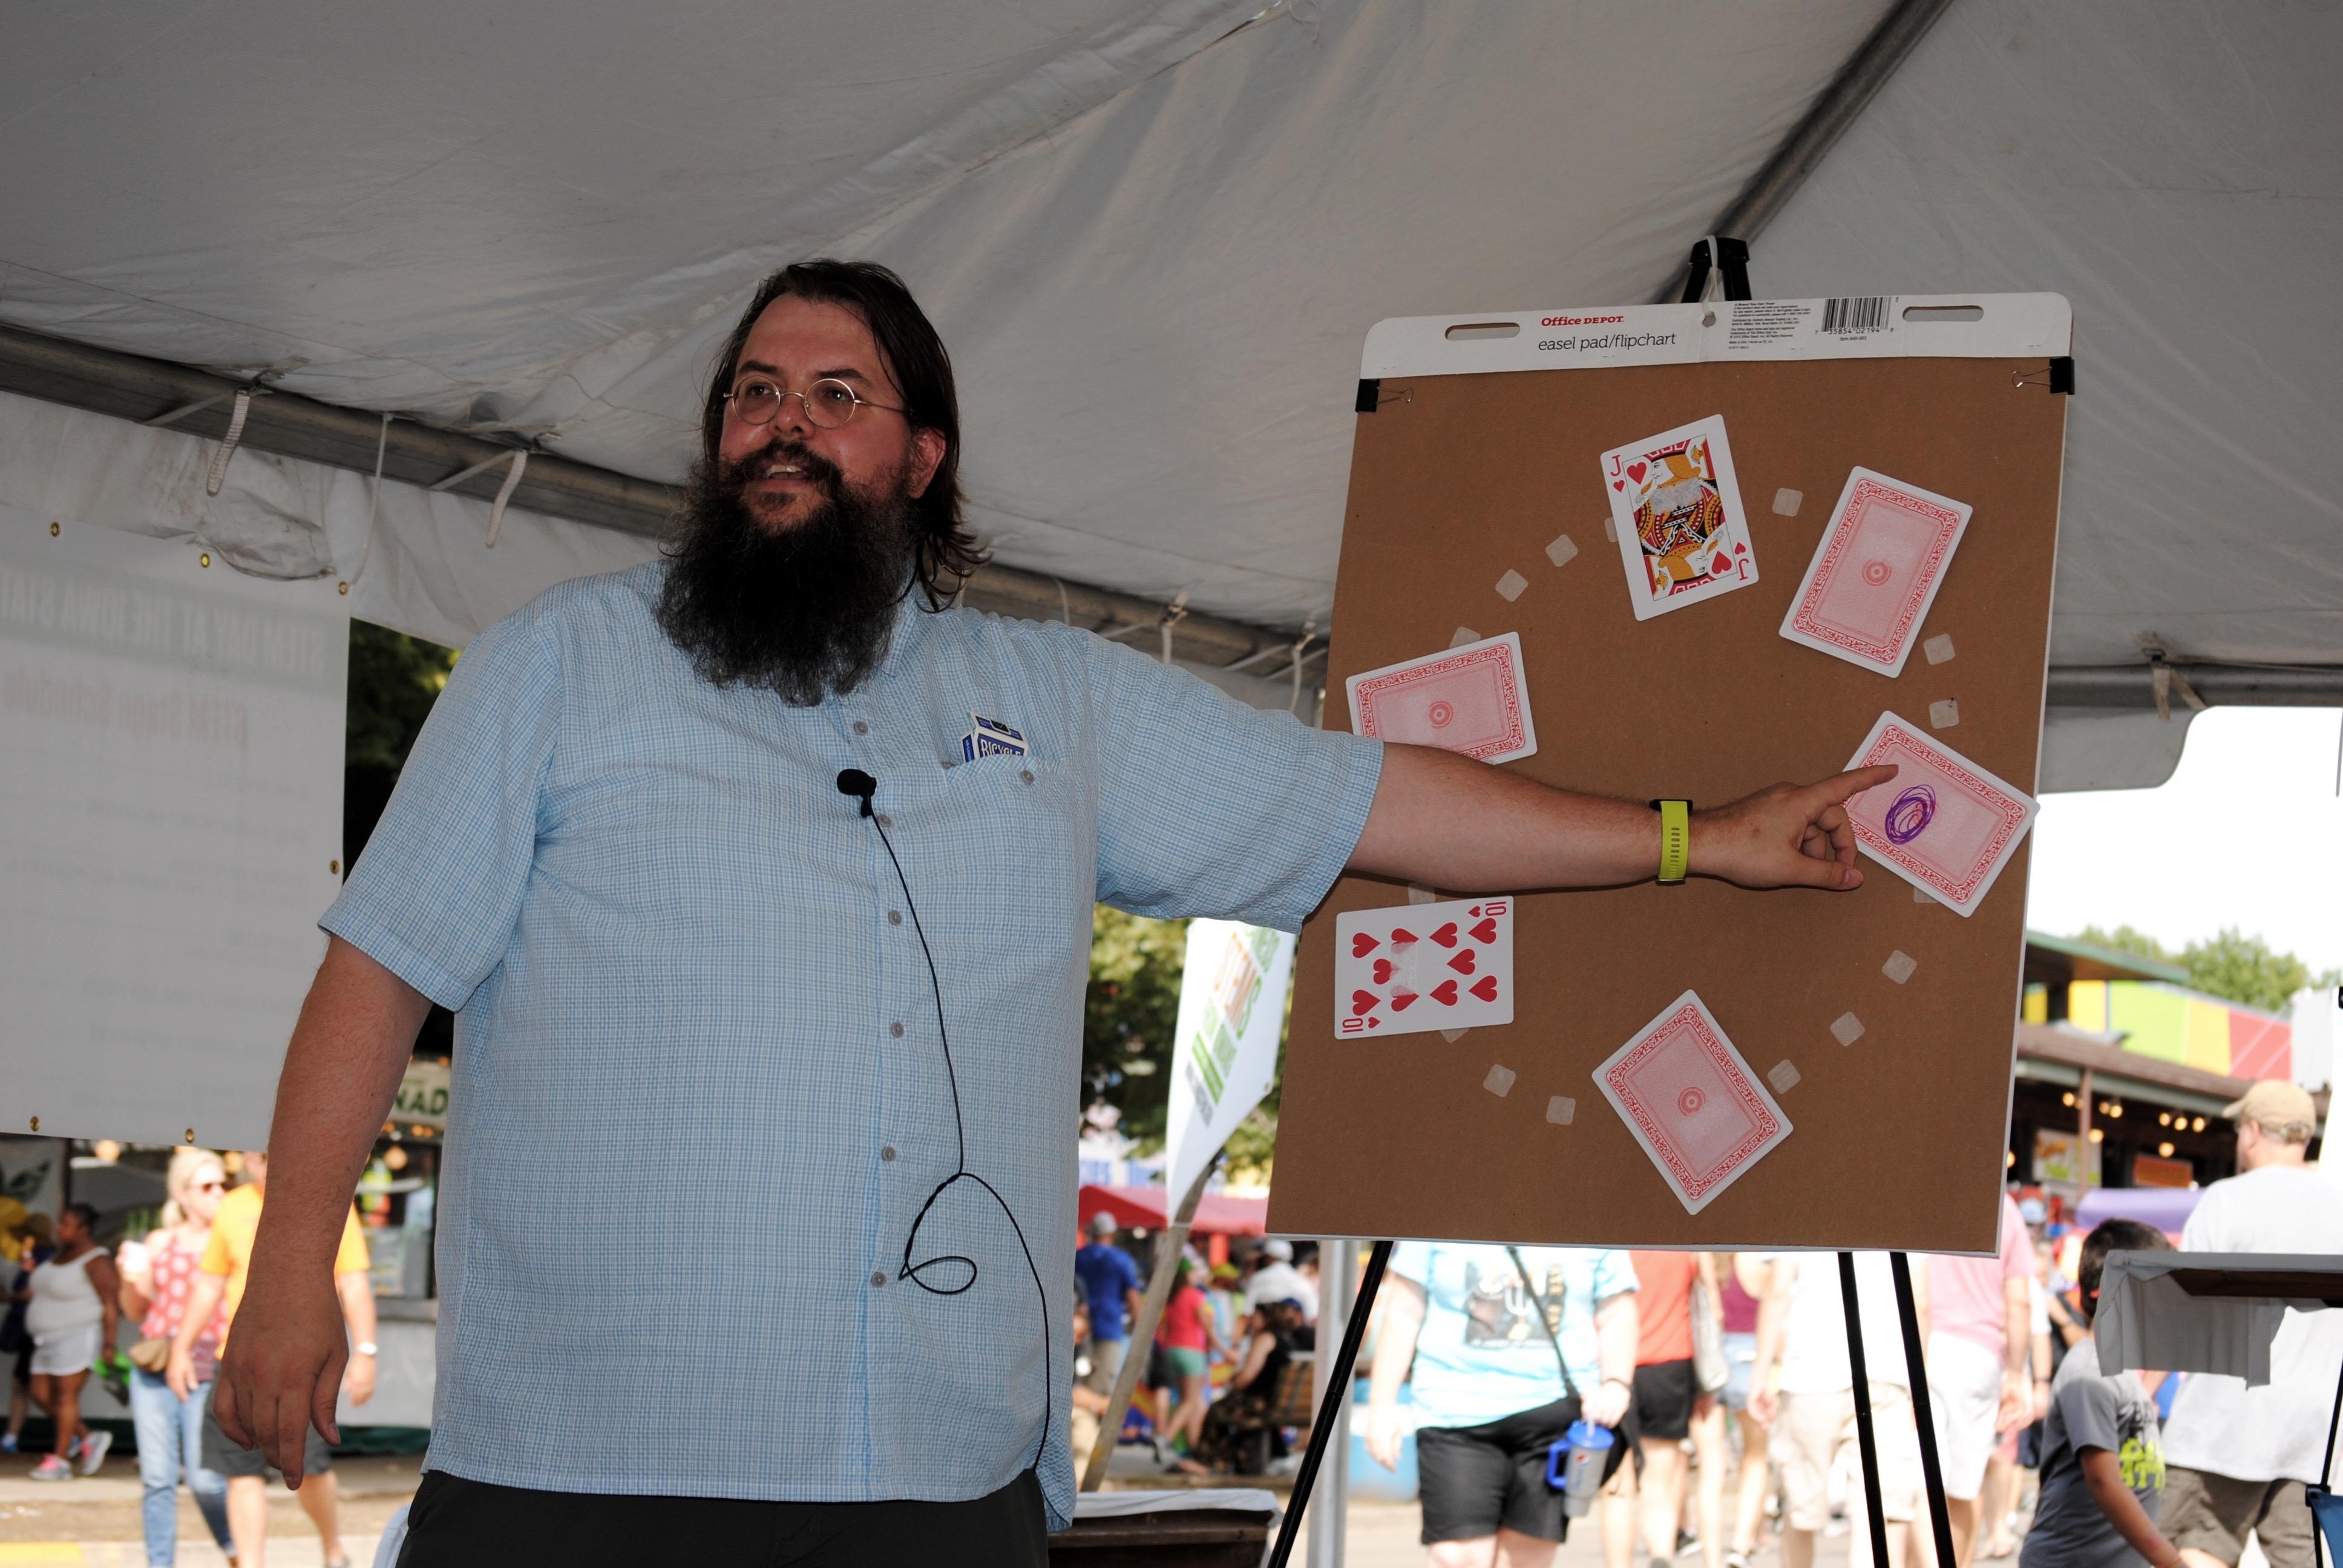 Steve Butler explains the math behind card tricks at the Iowa State Fair.